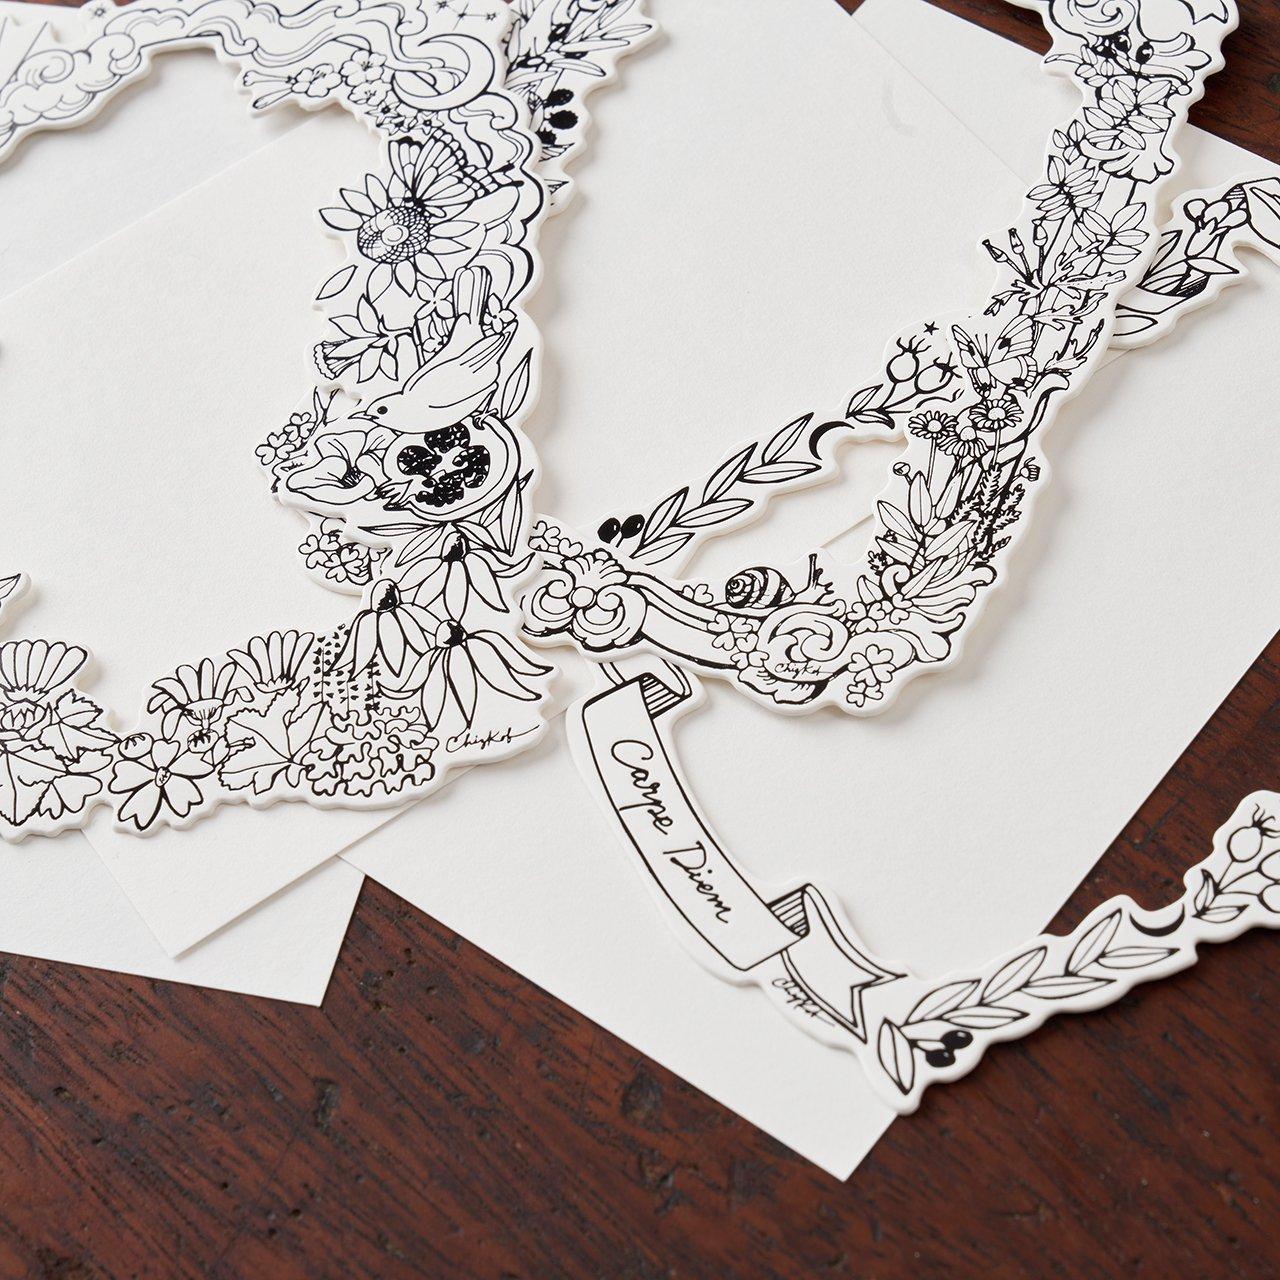 PaleJute<BR>Pale Jute × Chizu Kobayashi<BR> Flame ornament letter set